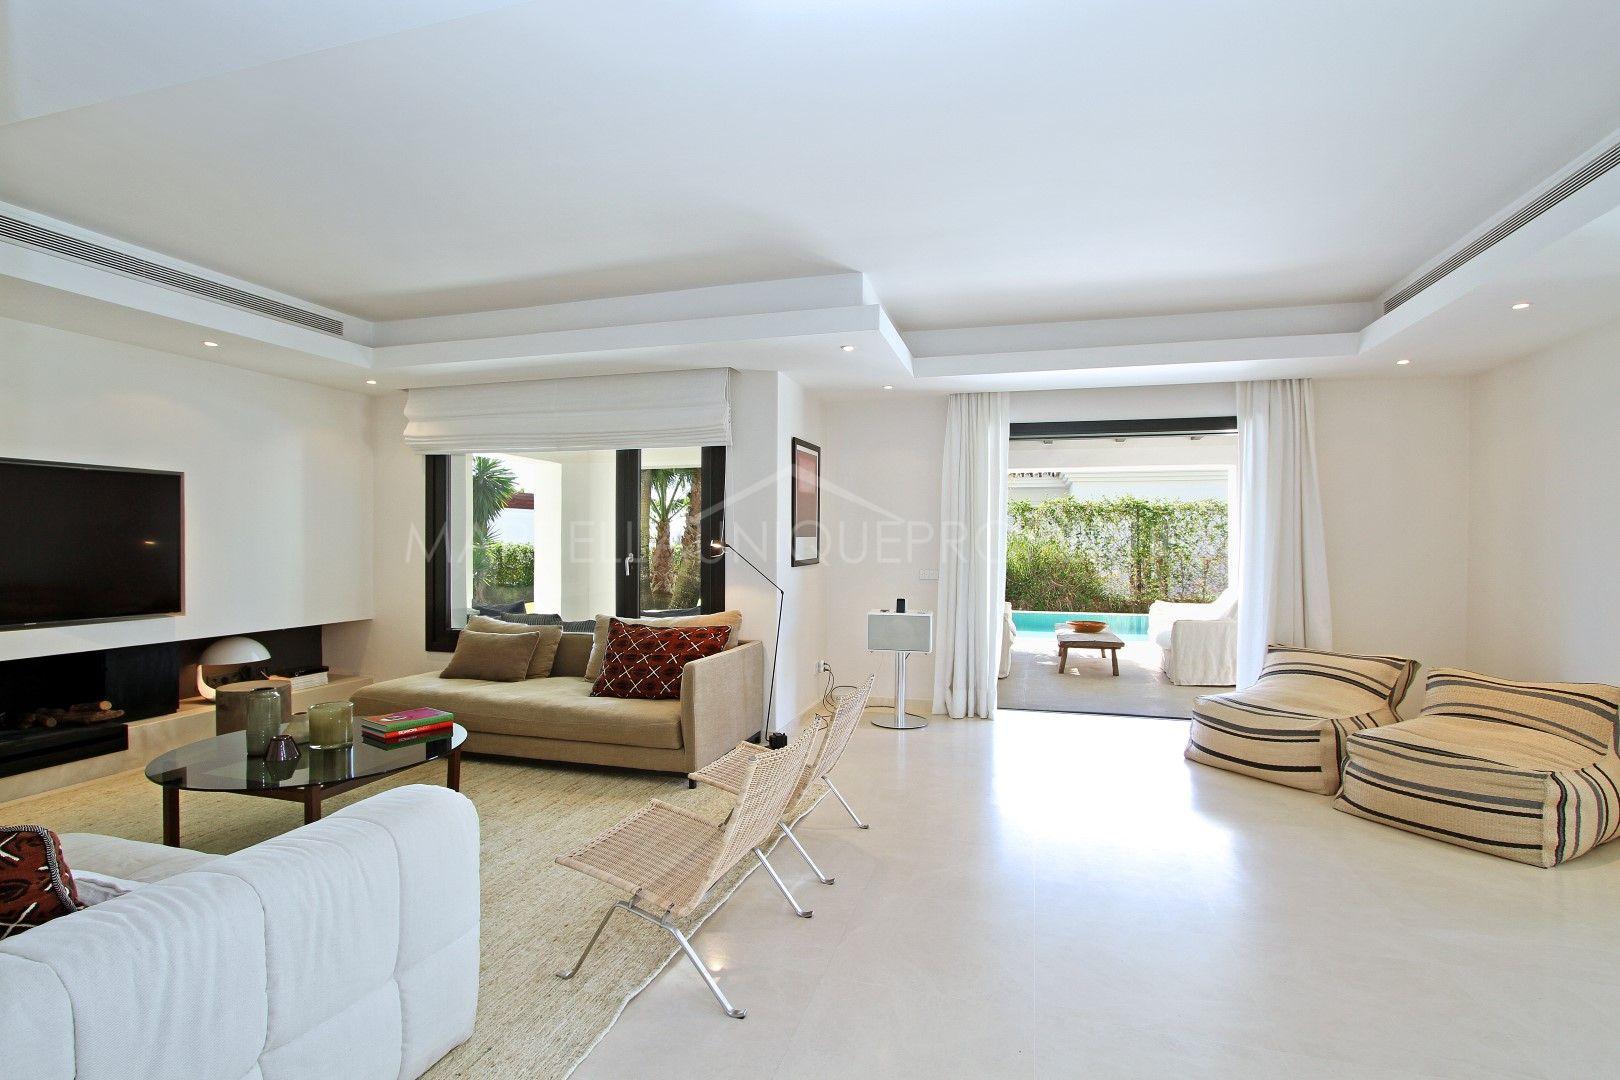 Ibiza Style Interieur : Luxury ibiza style villa in altos de puente romano